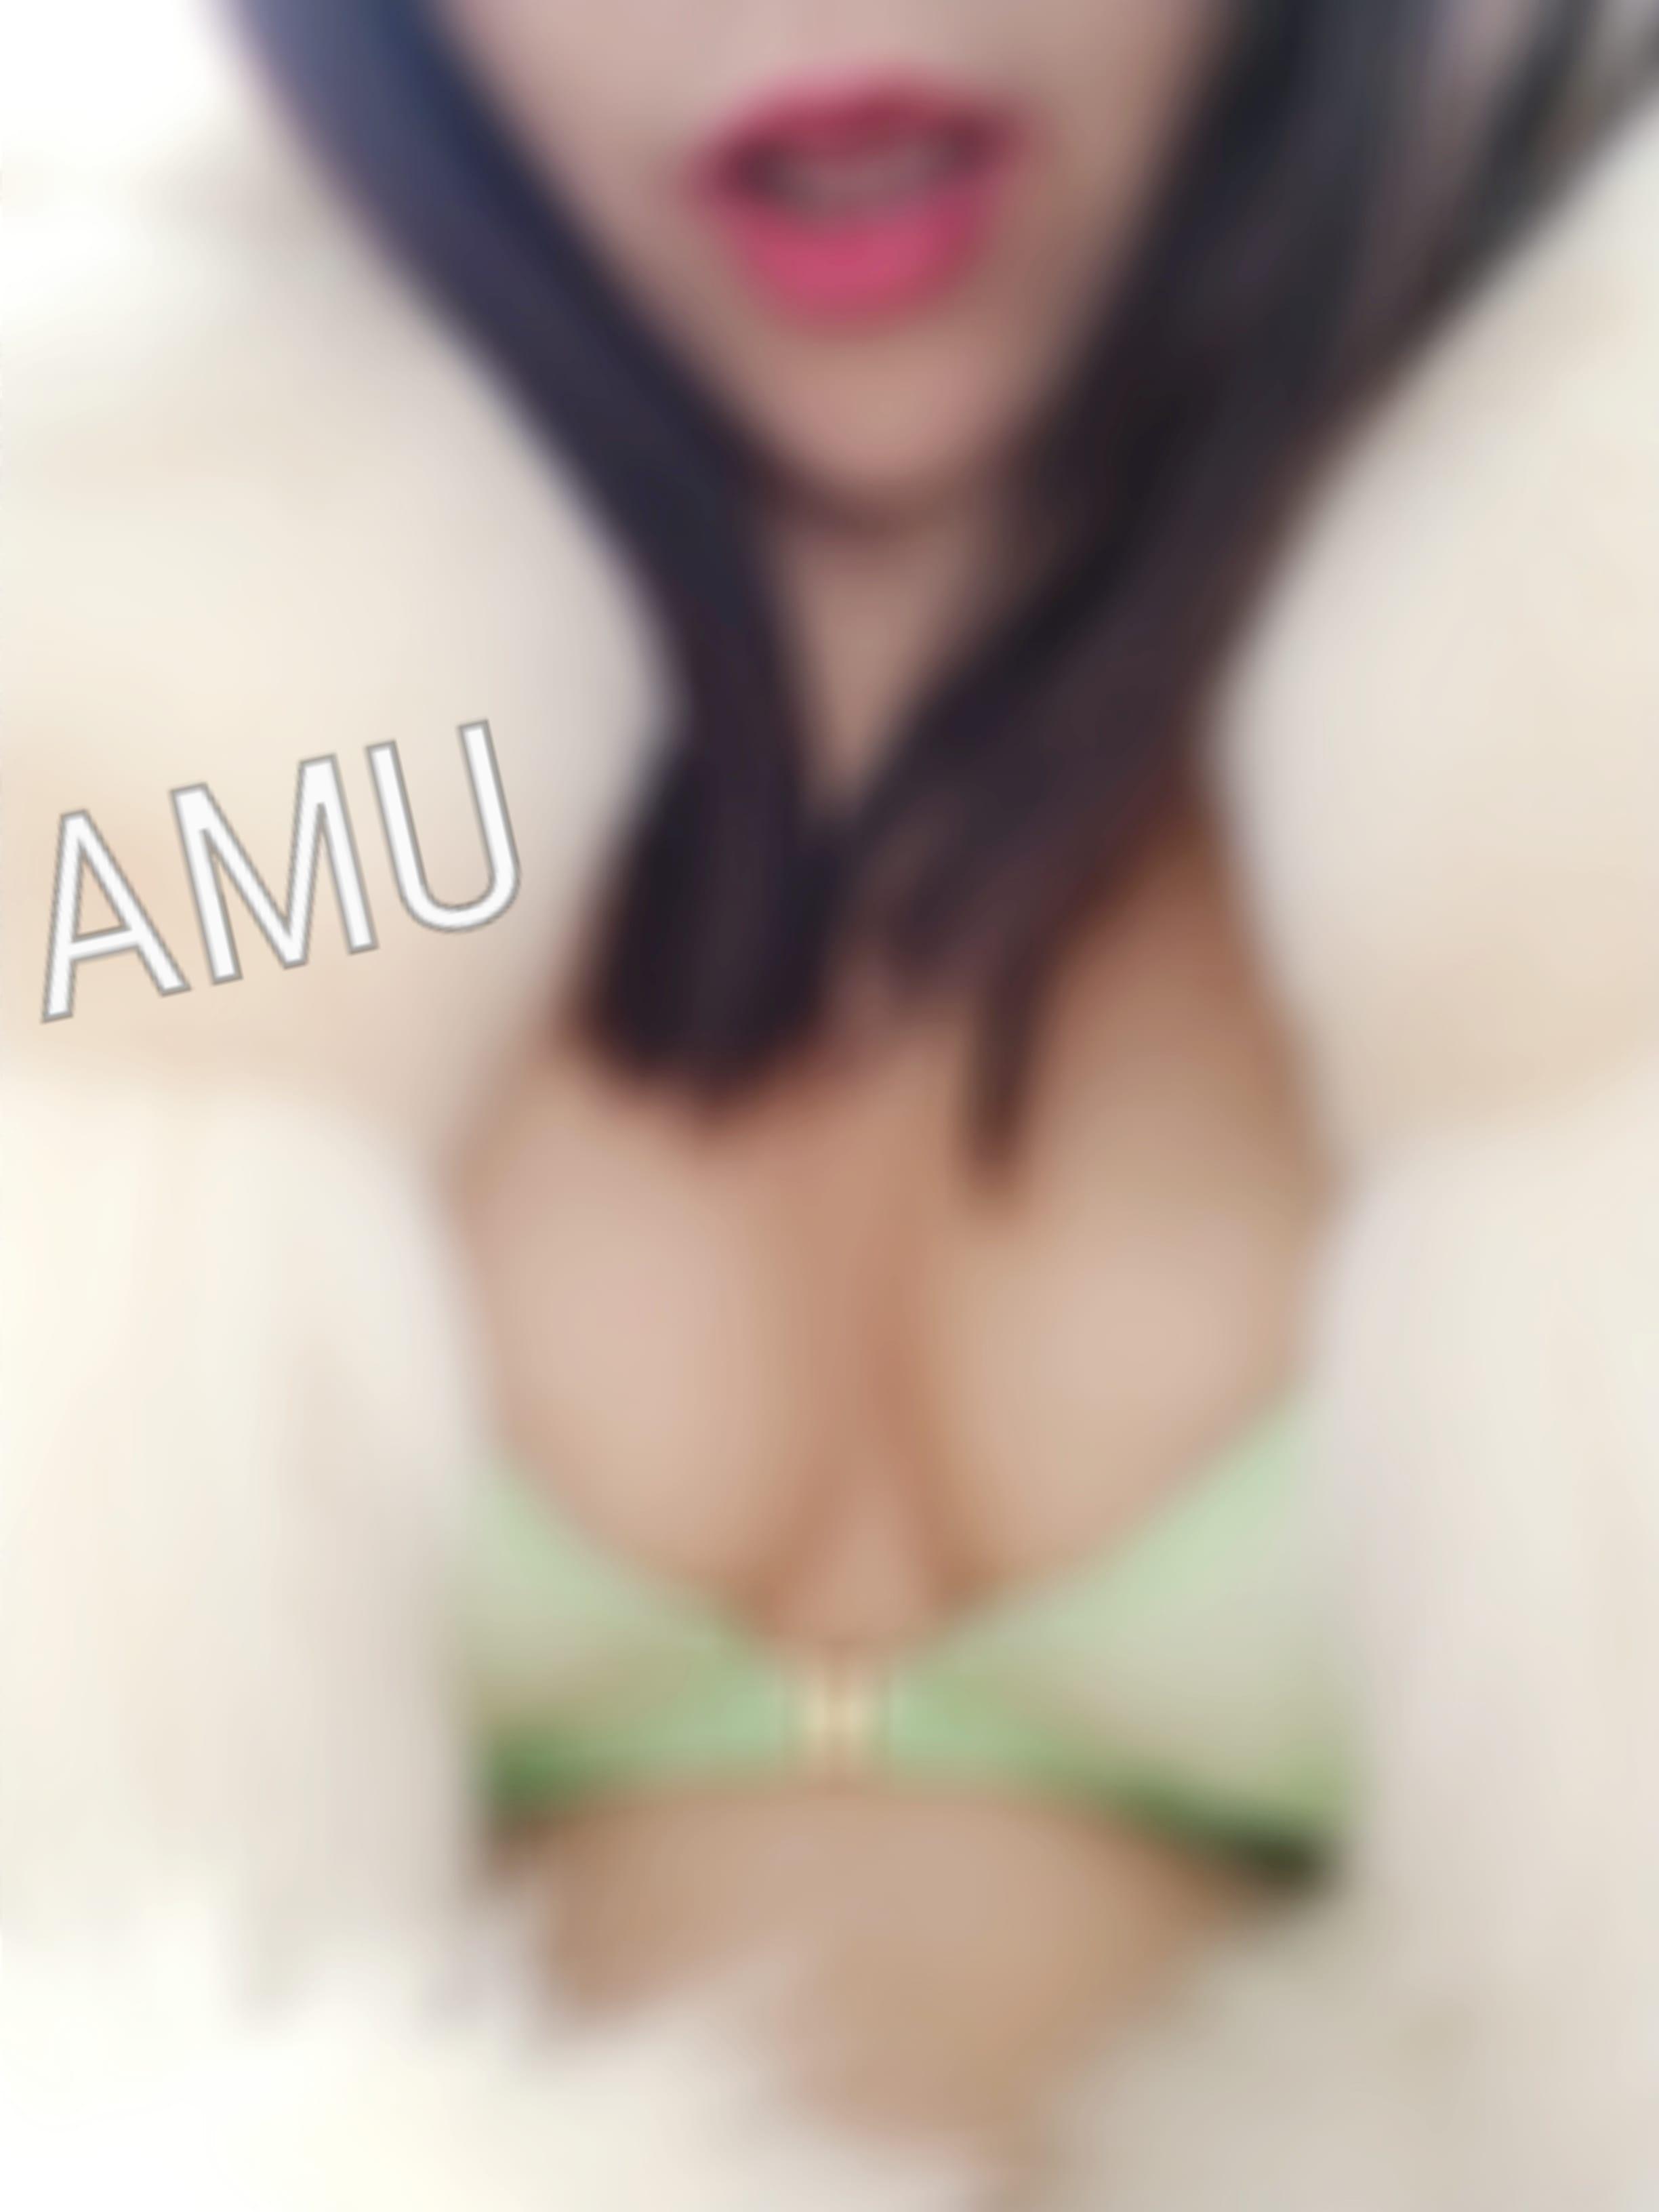 「19時♡」02/20(火) 15:22 | あむの写メ・風俗動画